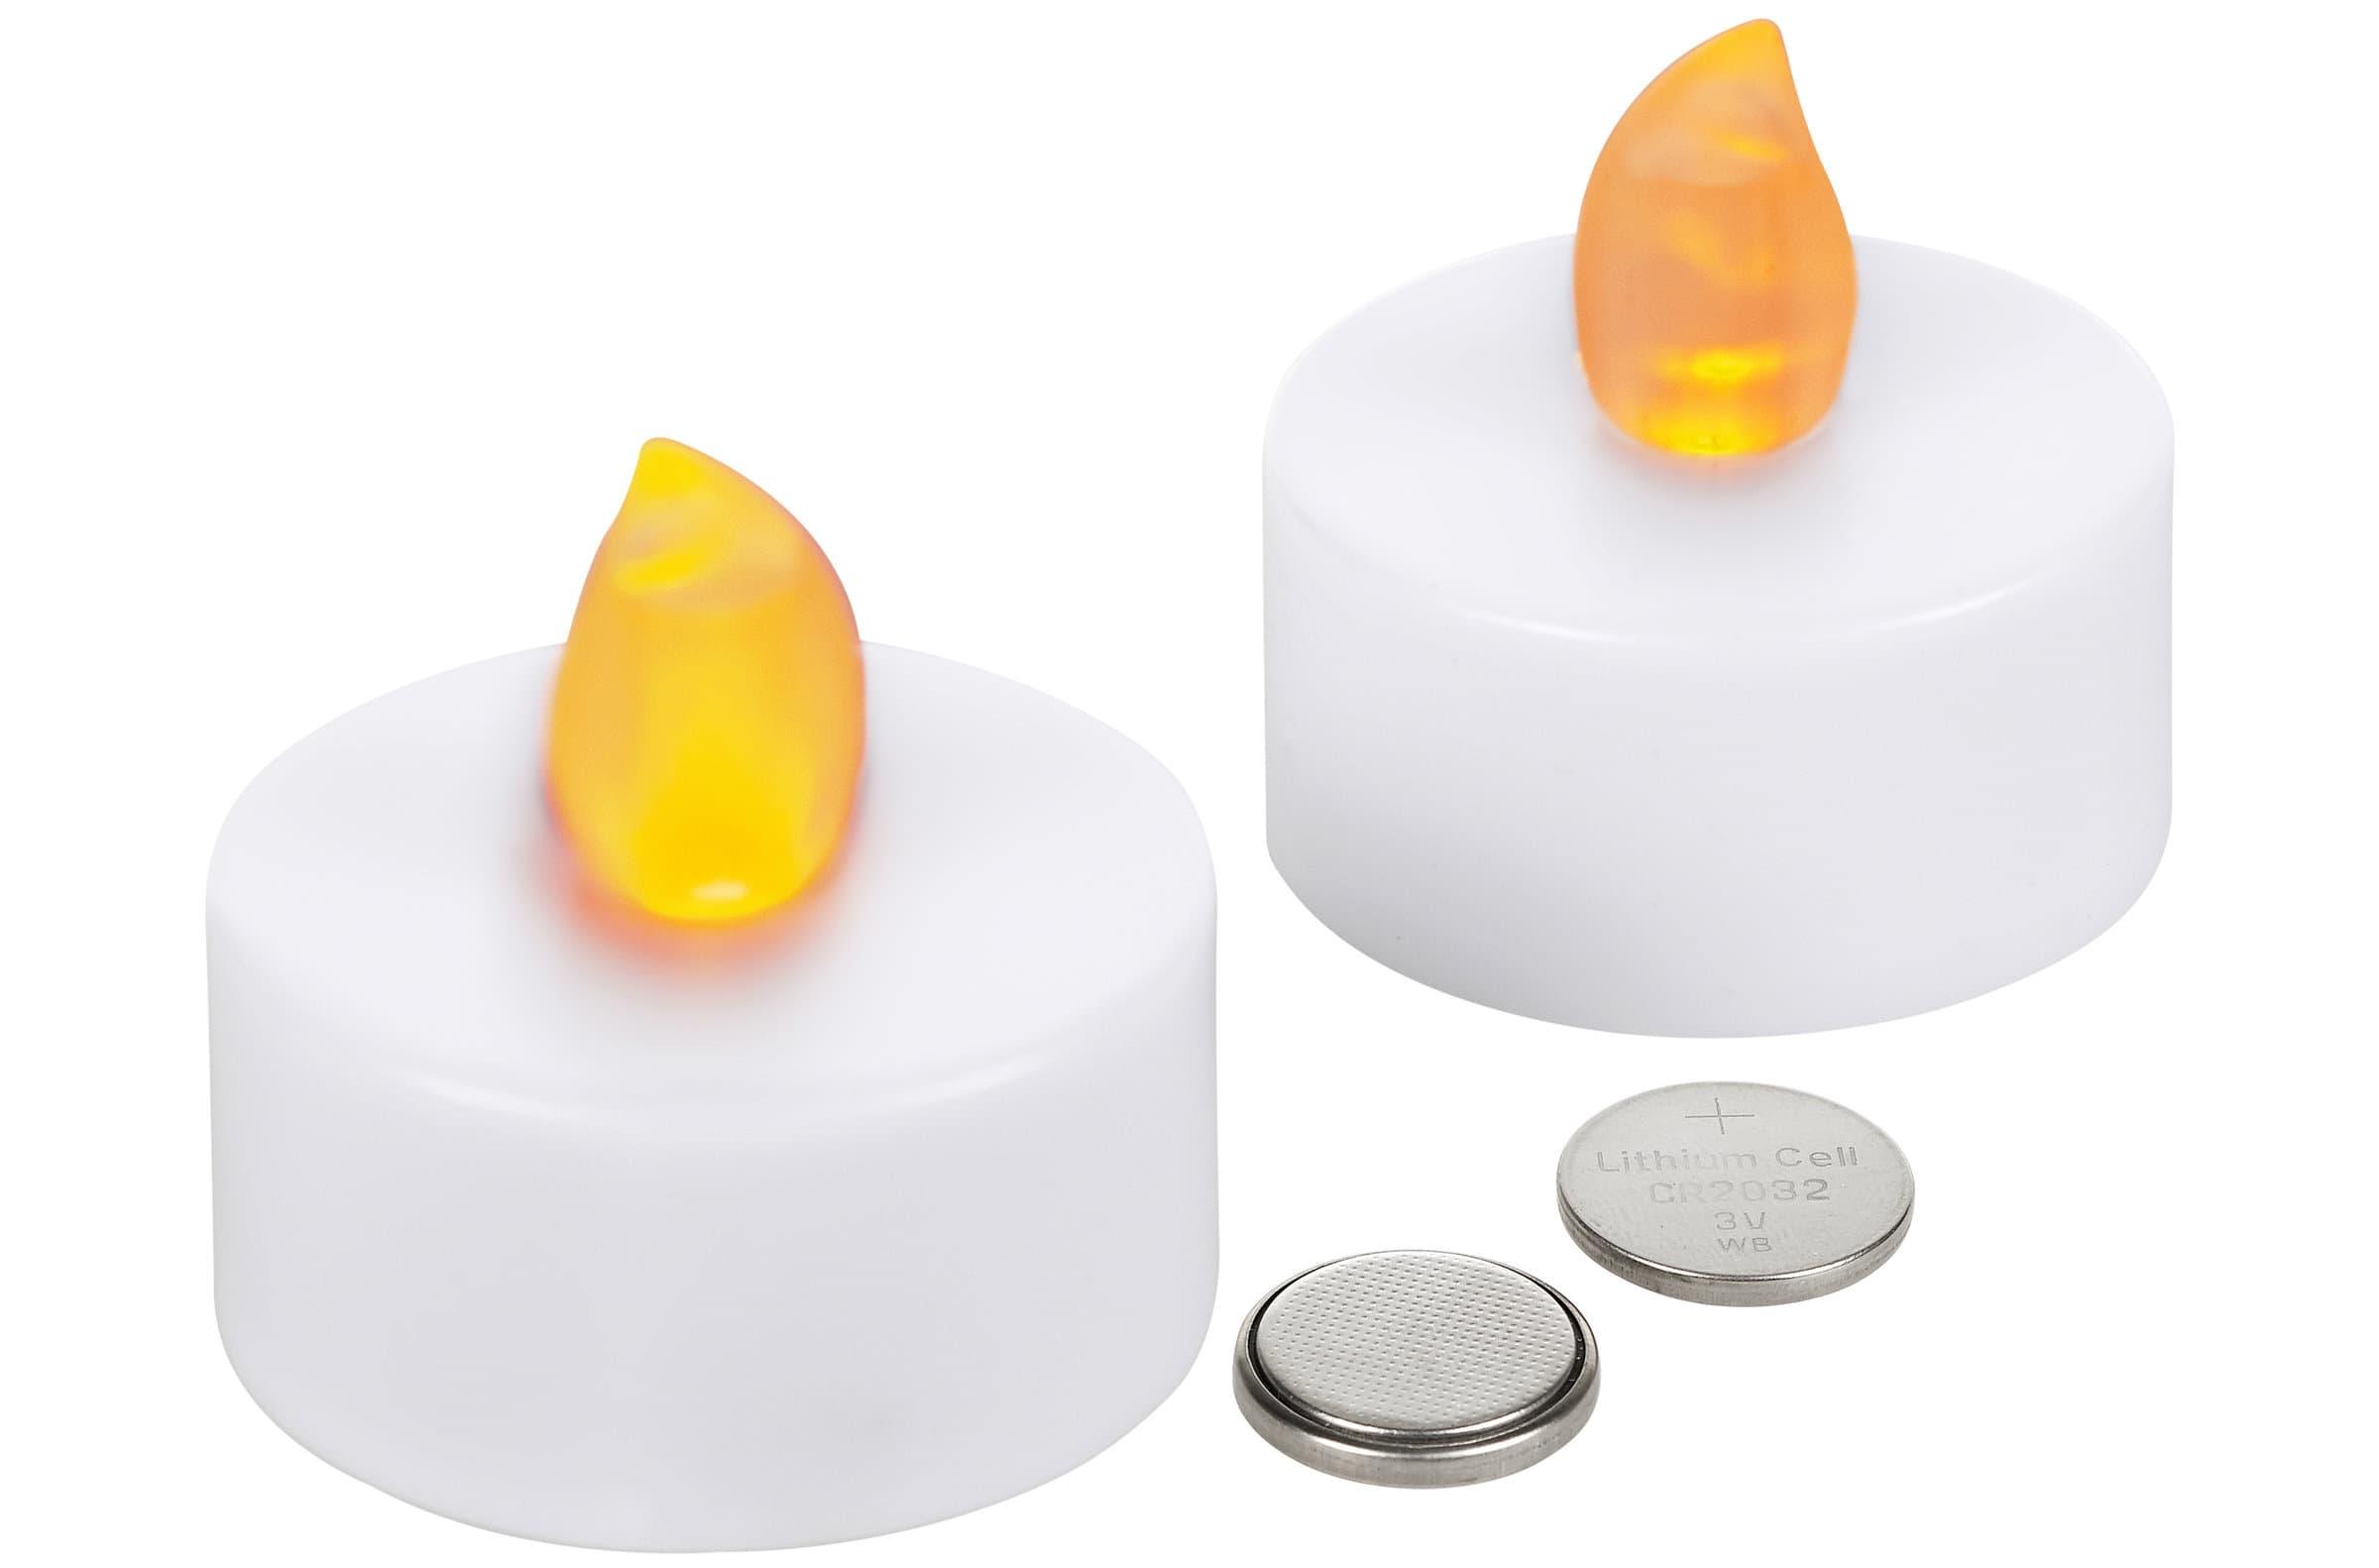 NORWIN Candele scaldavivande LED